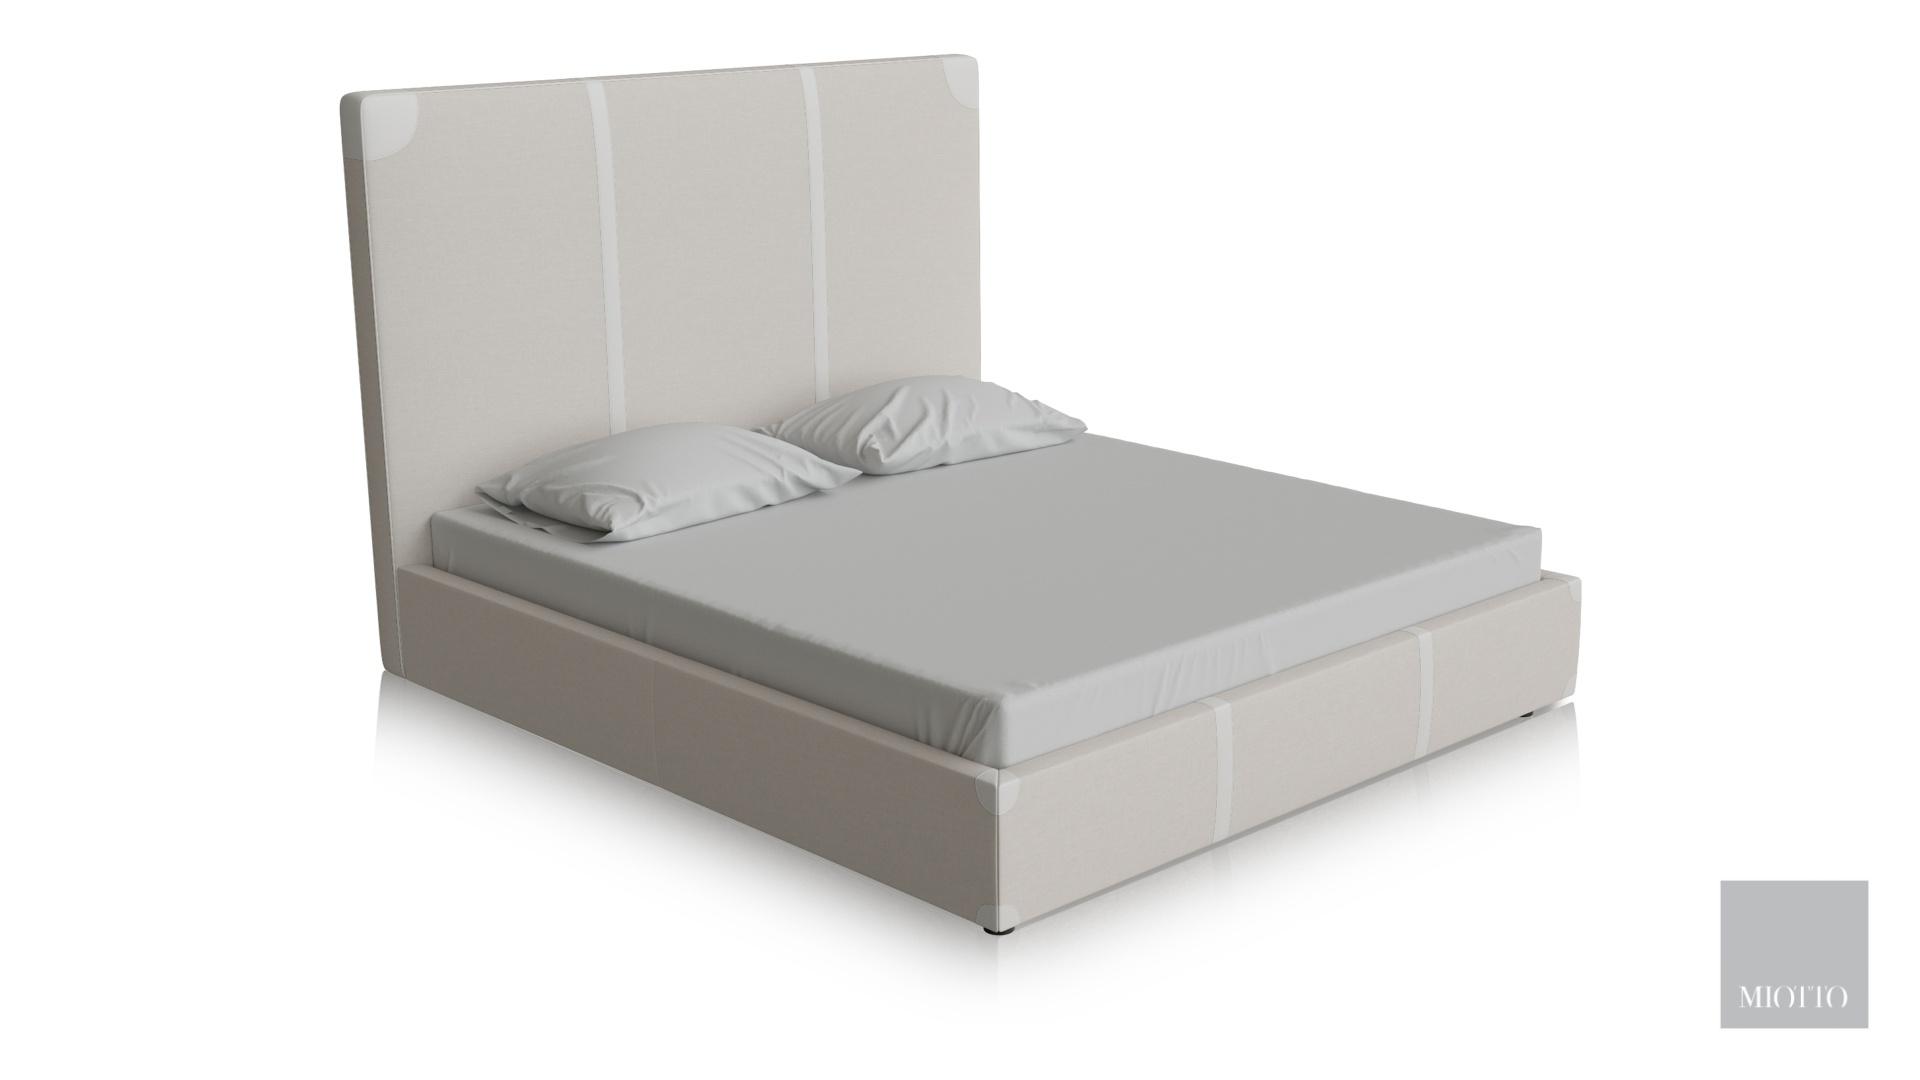 miotto_bolgheri bed white